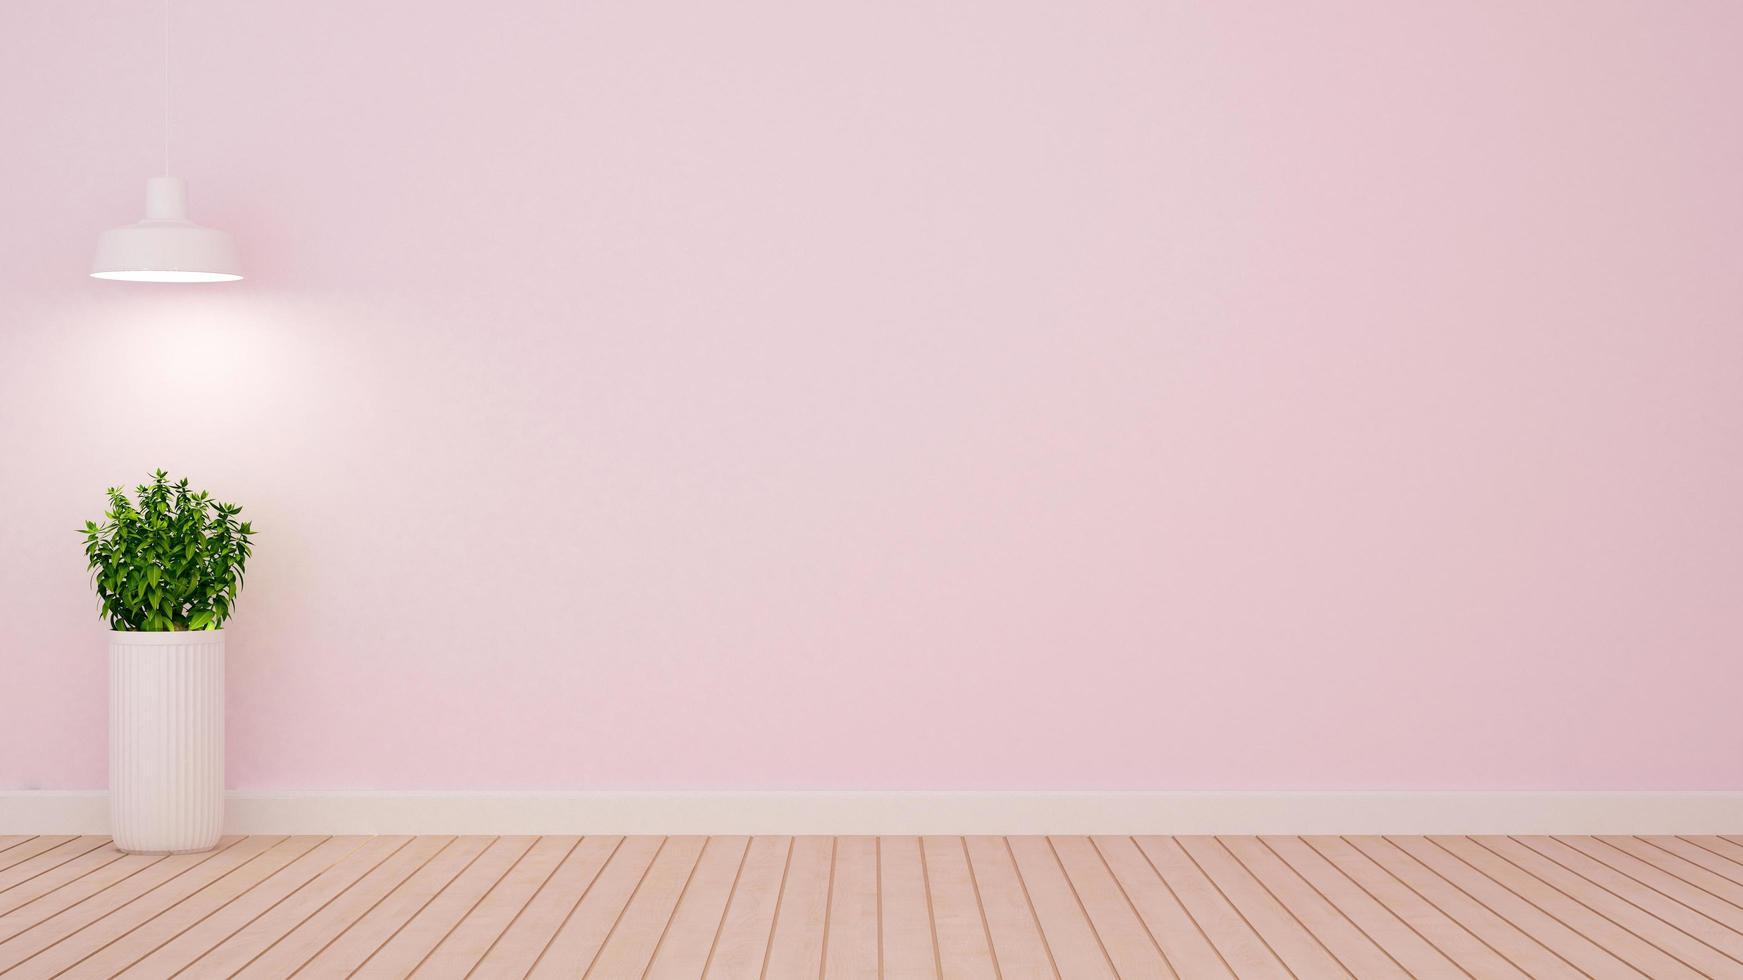 plante et lampe suspendue dans une pièce vide sur ton rose clair photo